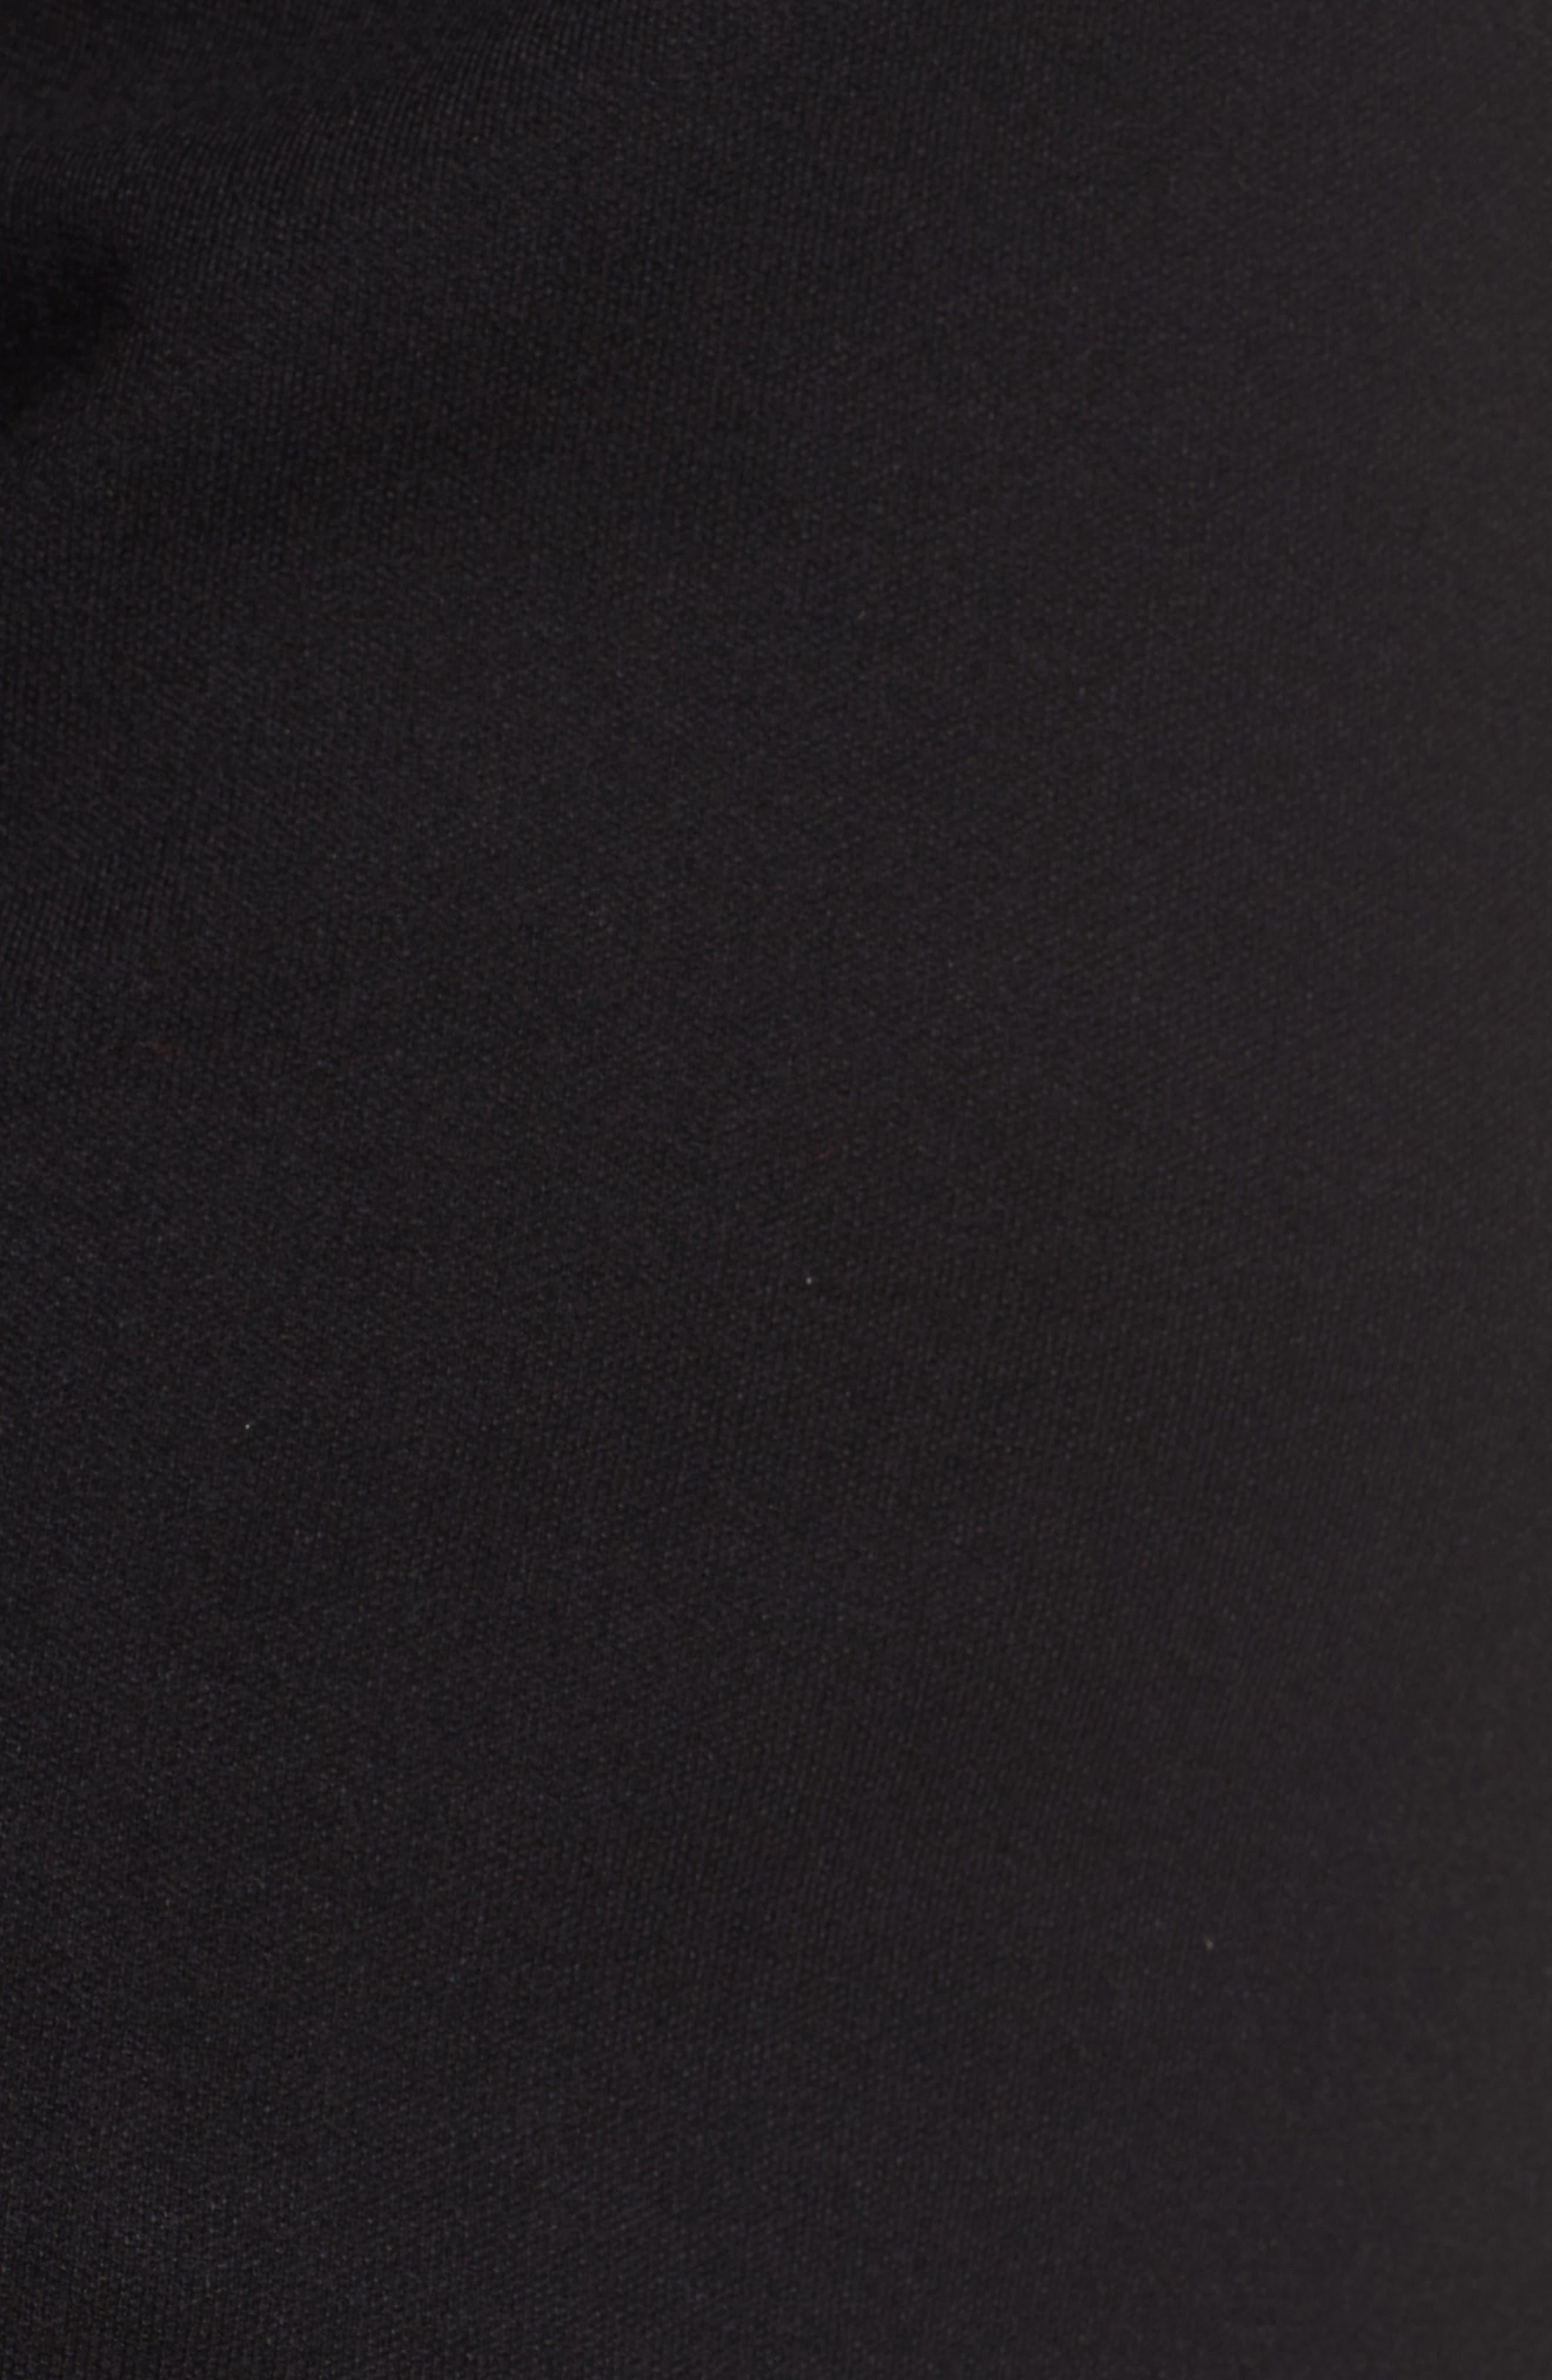 Alternate Image 5  - Glamorous Ruffle Sleeve Sweater Dress (Plus Size)